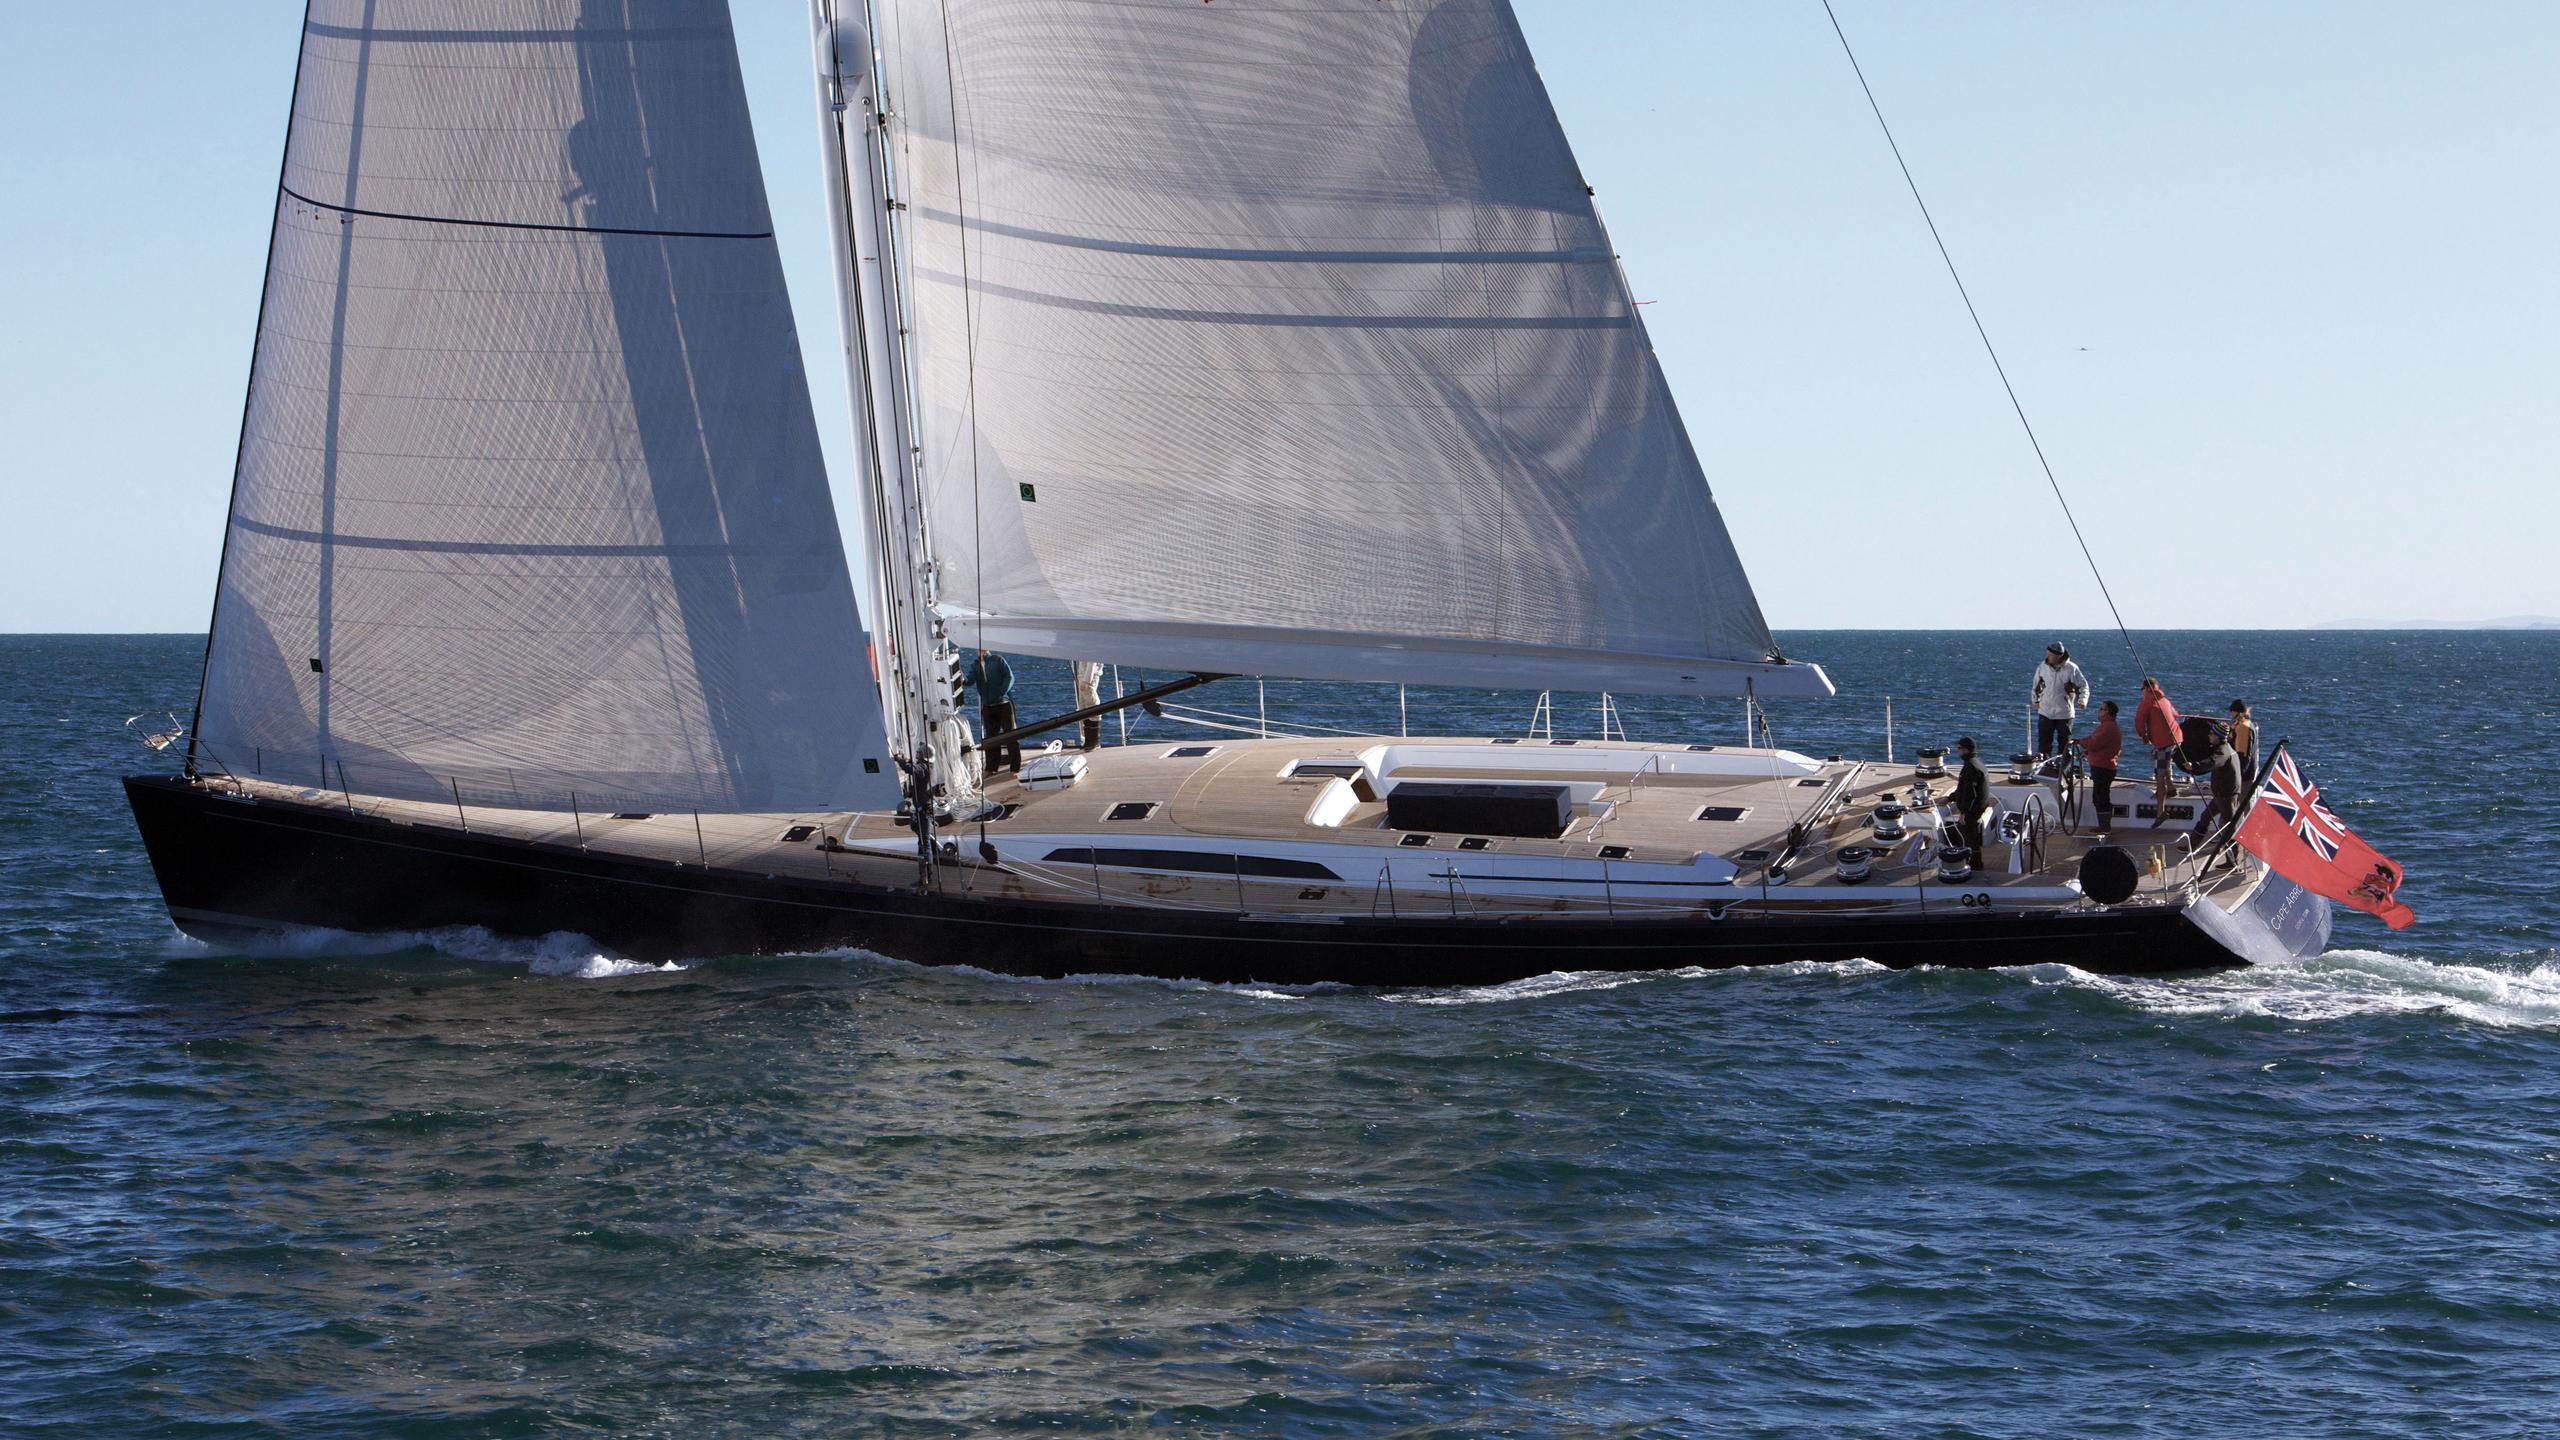 cape-arrow-yacht-at-sea